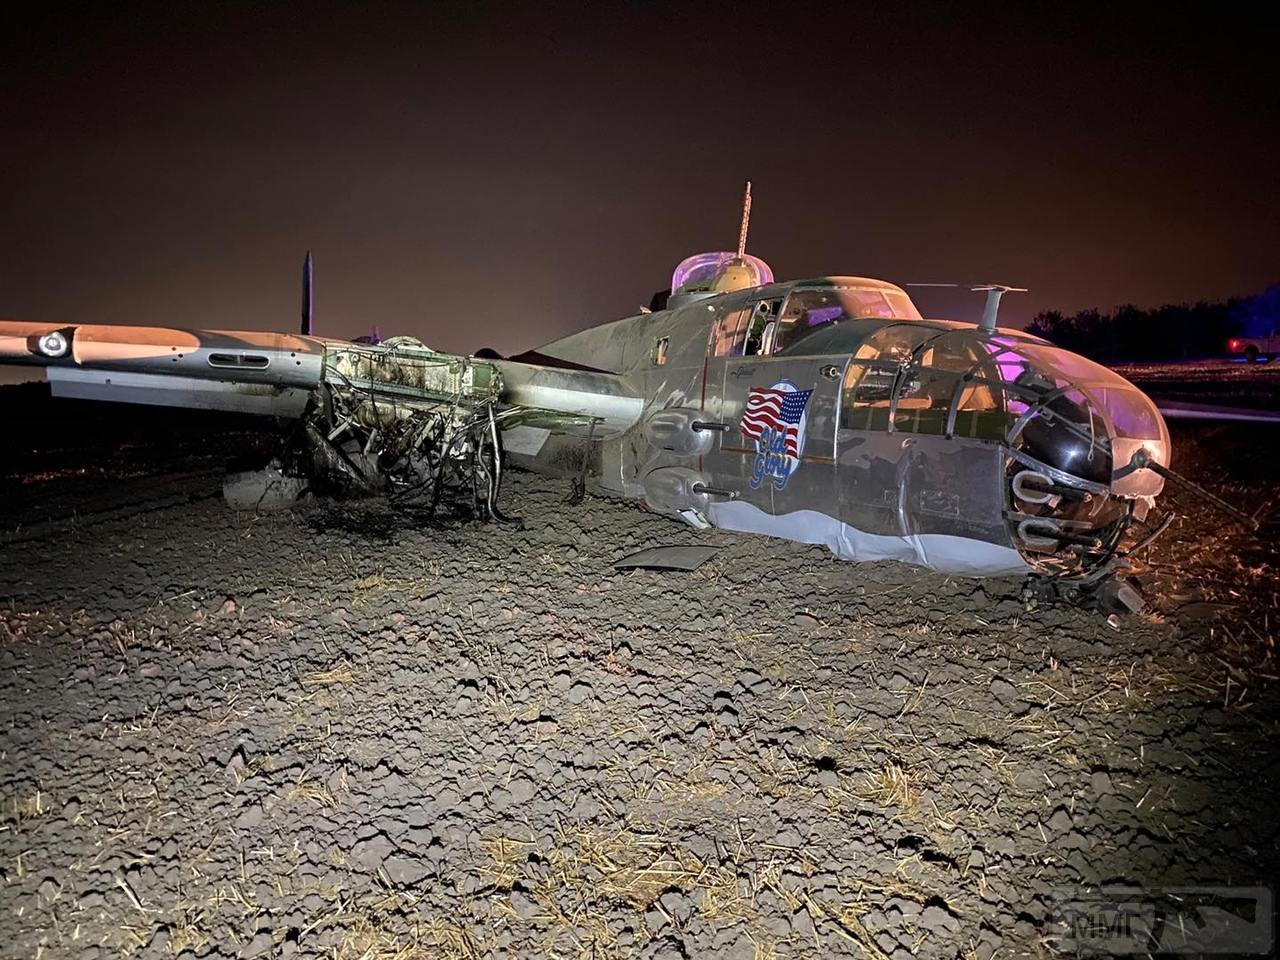 112226 - Авиация - восстановленное